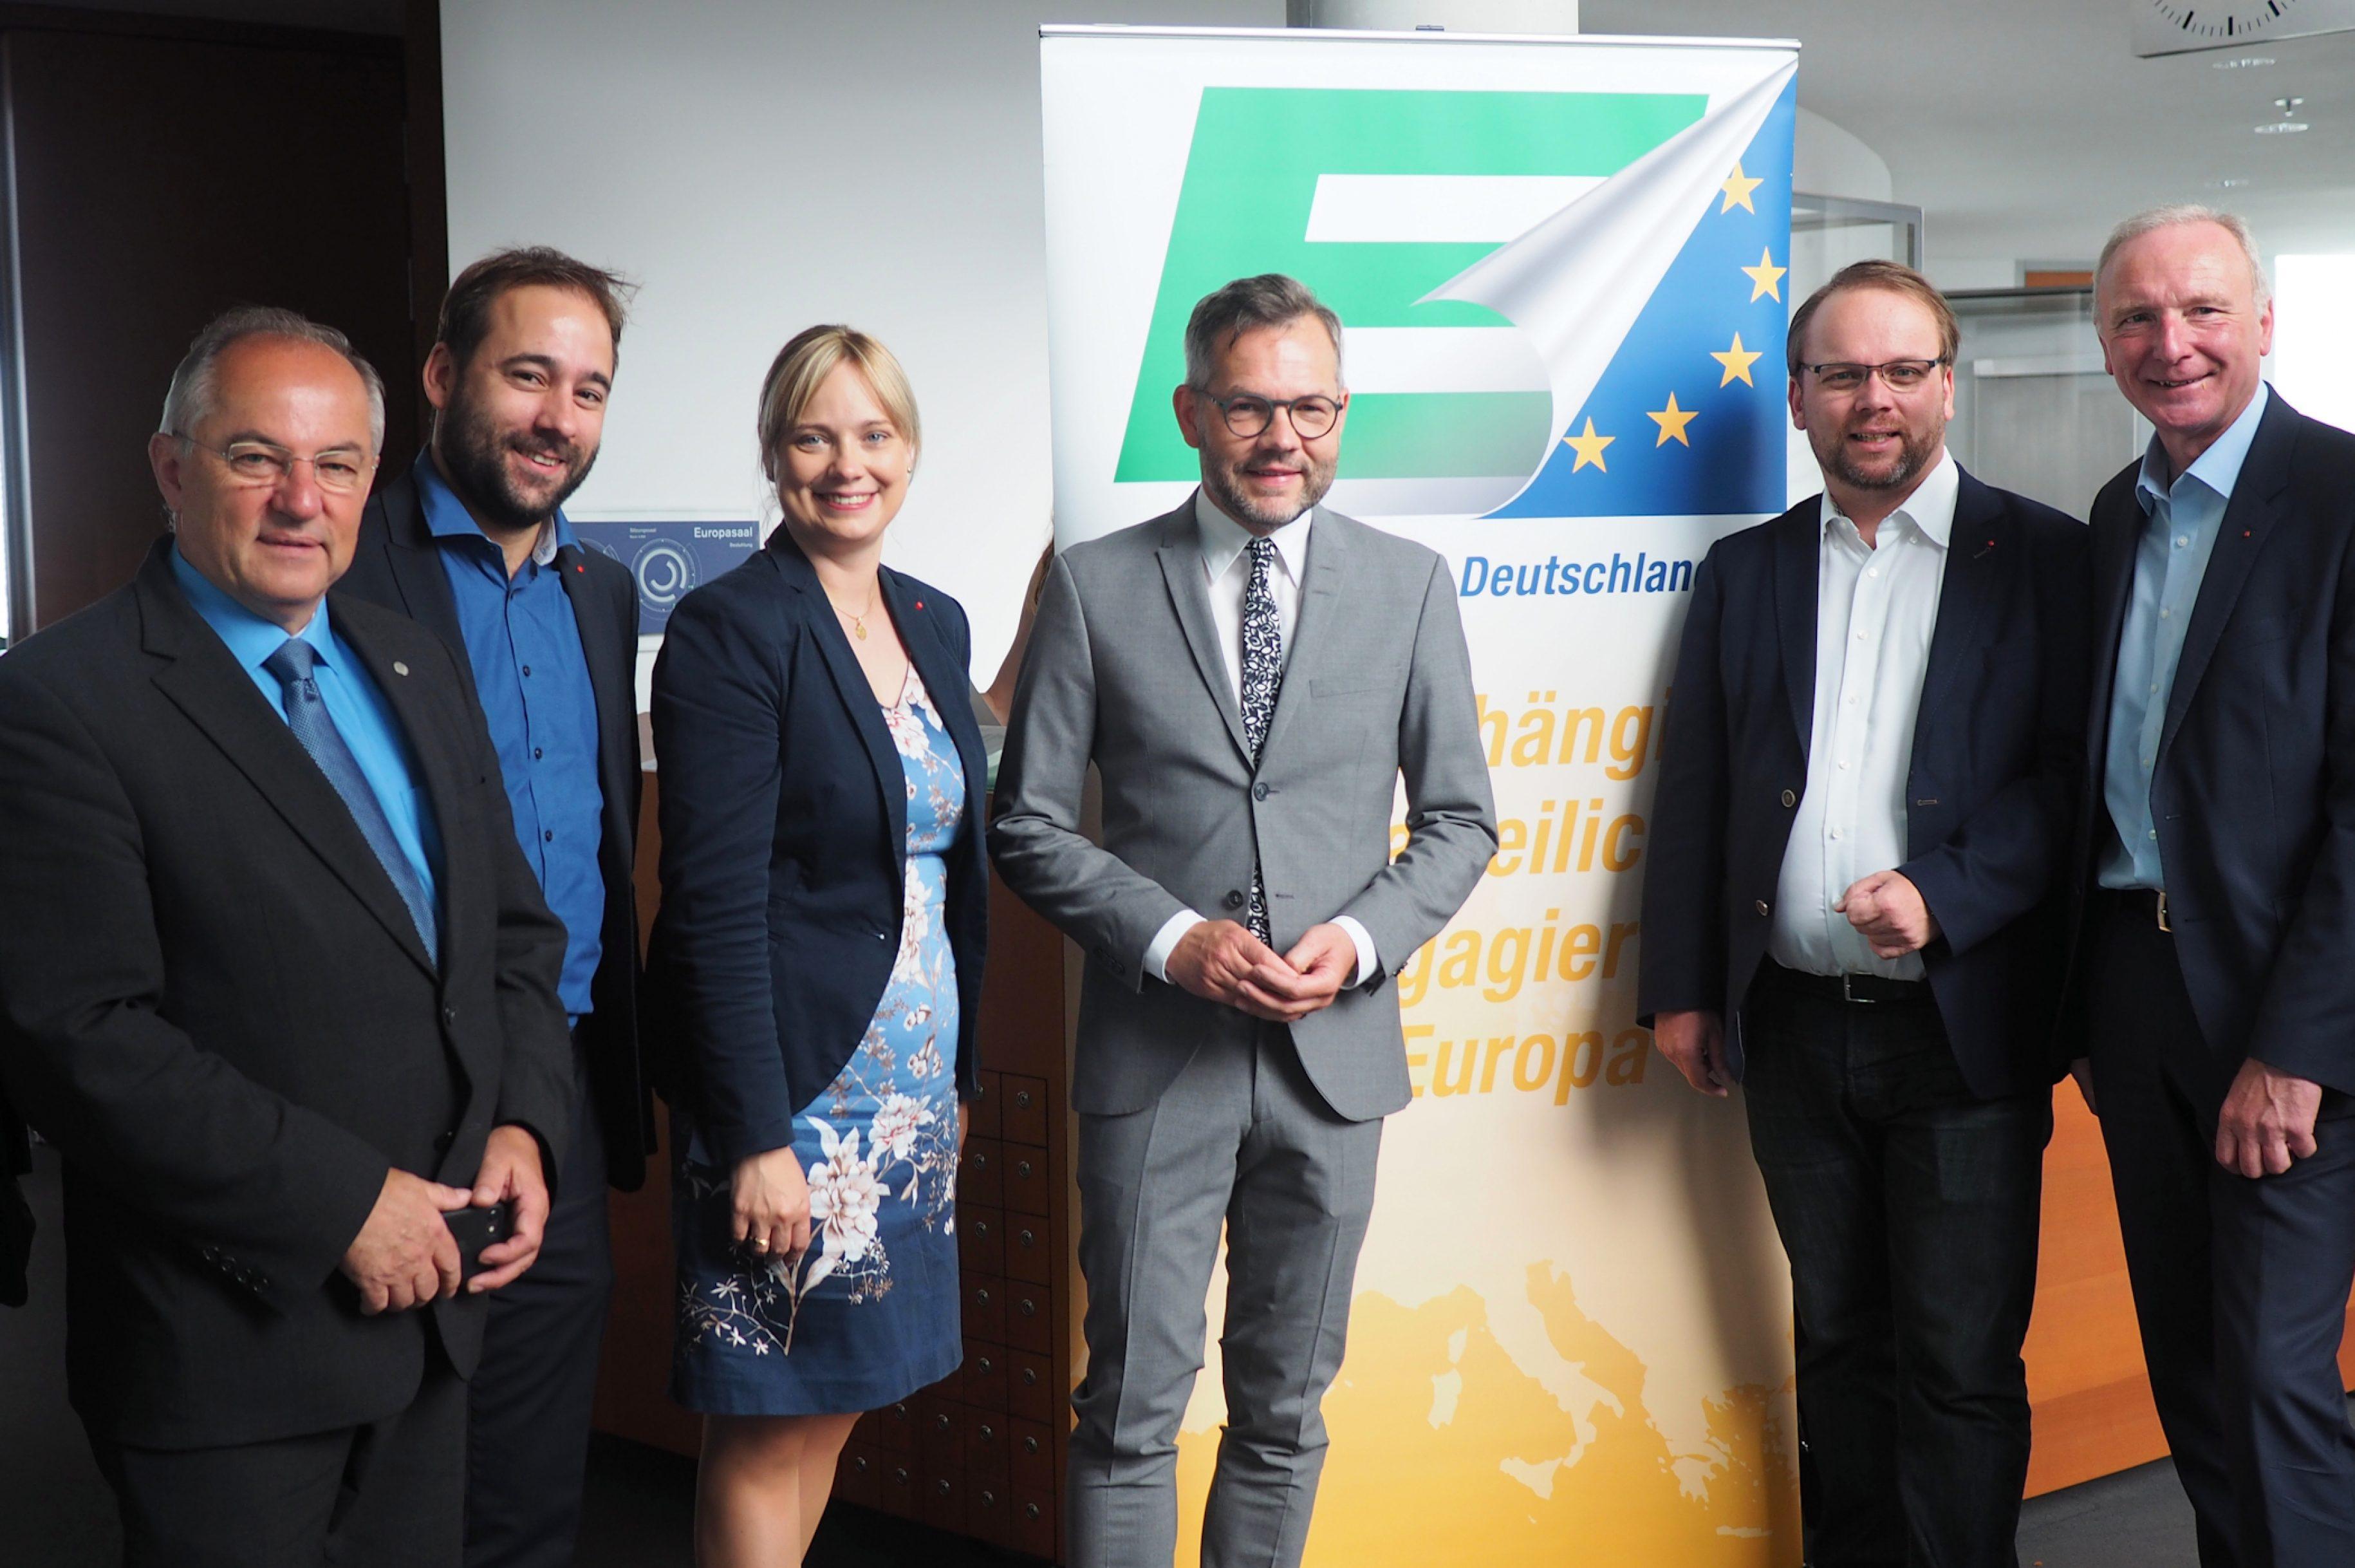 Marja-Liisa Völlers arbeitet in der Parlamentariergruppe Europa- Union Deutschland mit